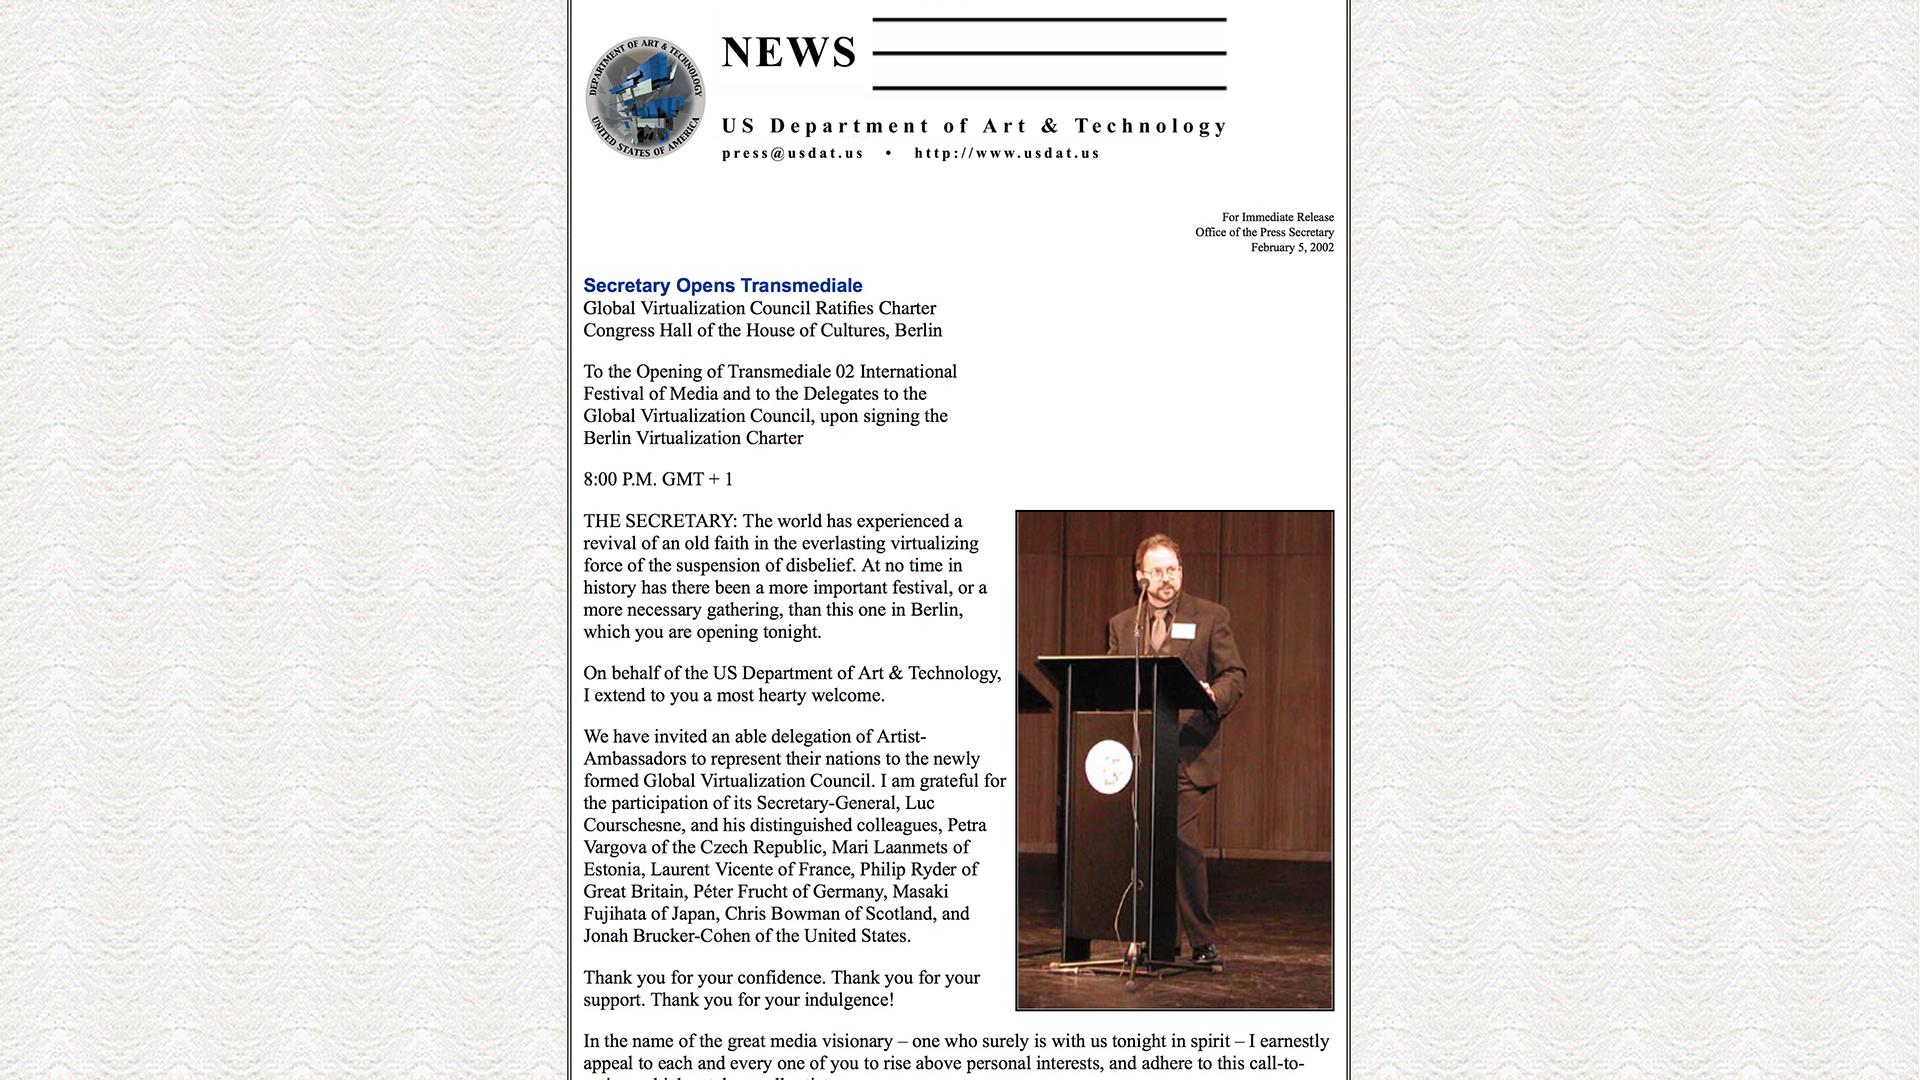 USDAT_News_Transmediale_crop